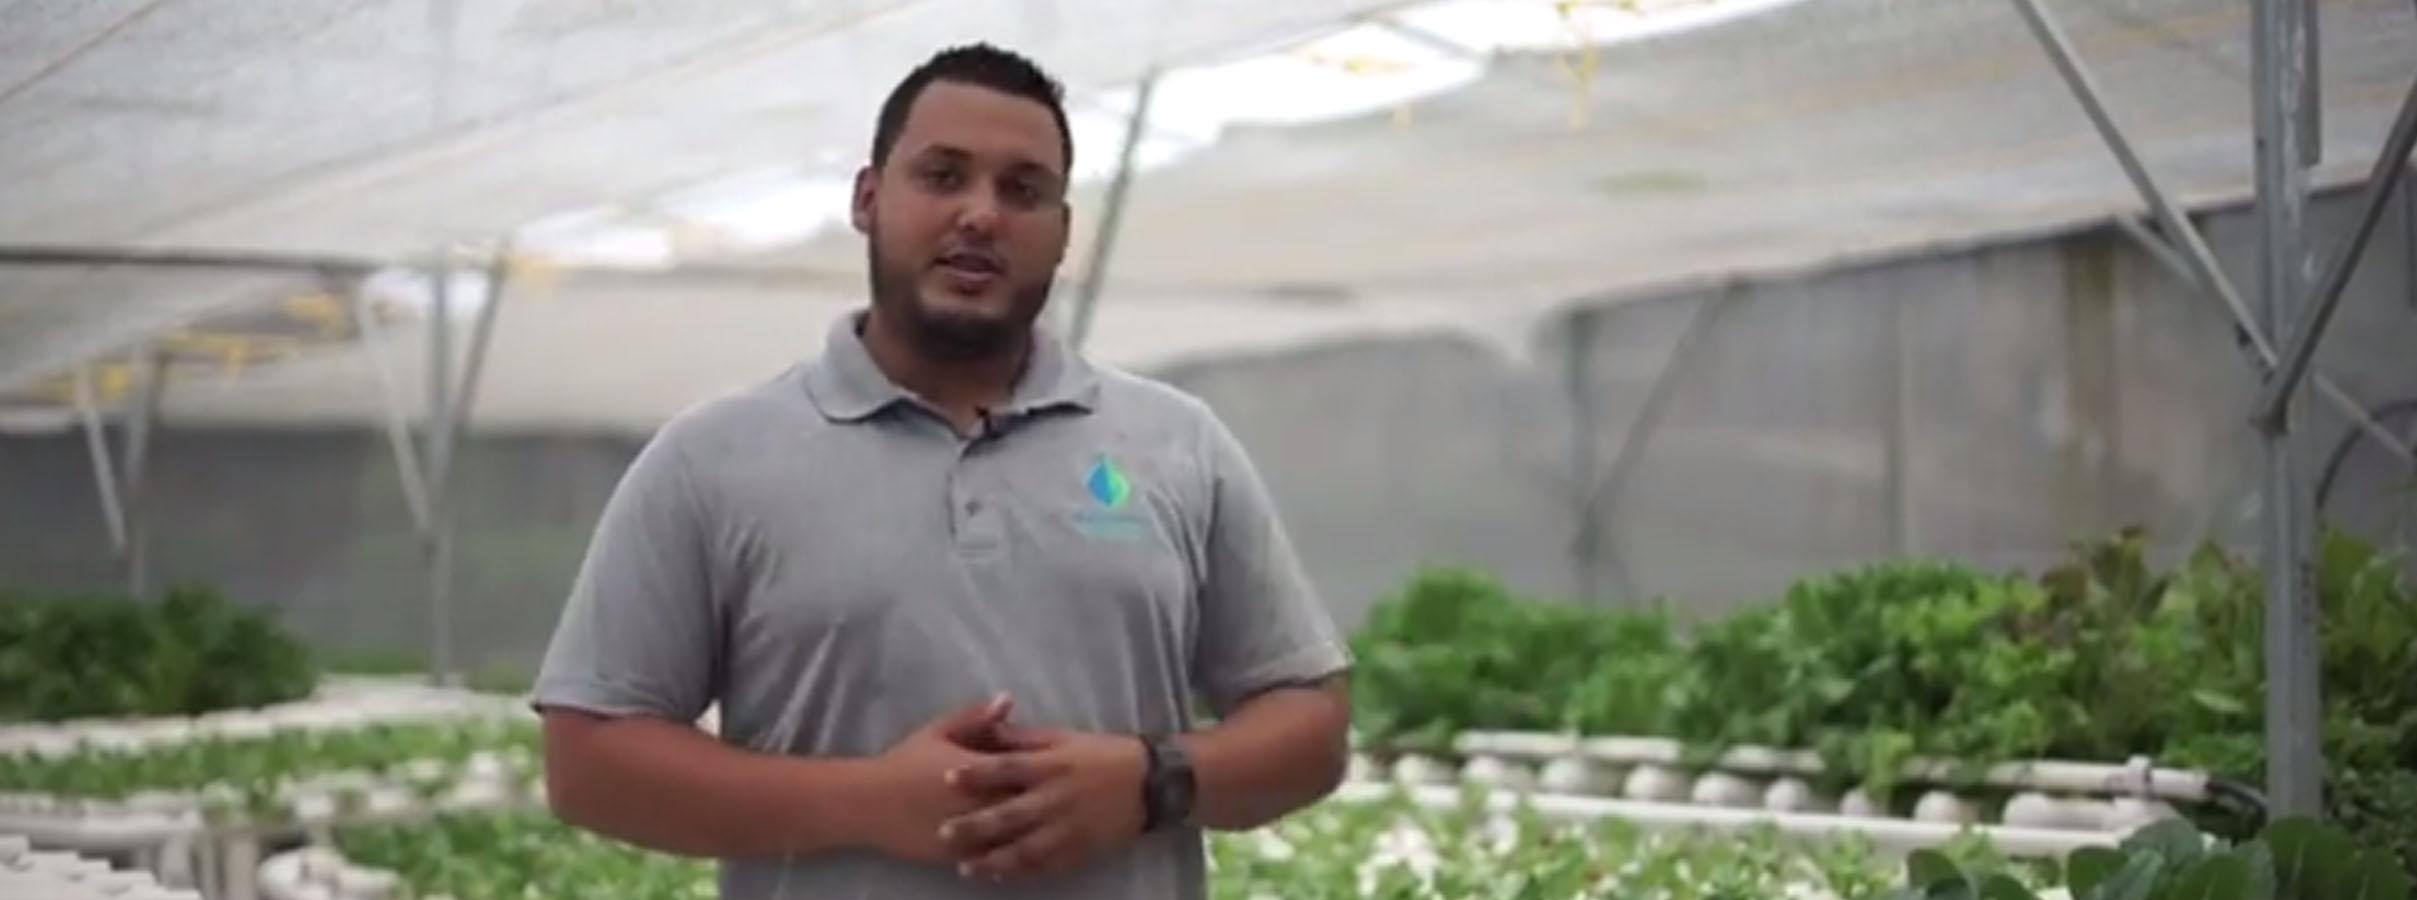 Joven Emprendedor en el Área de Agricultura en Bayamón Necesita de Nuestra Ayuda